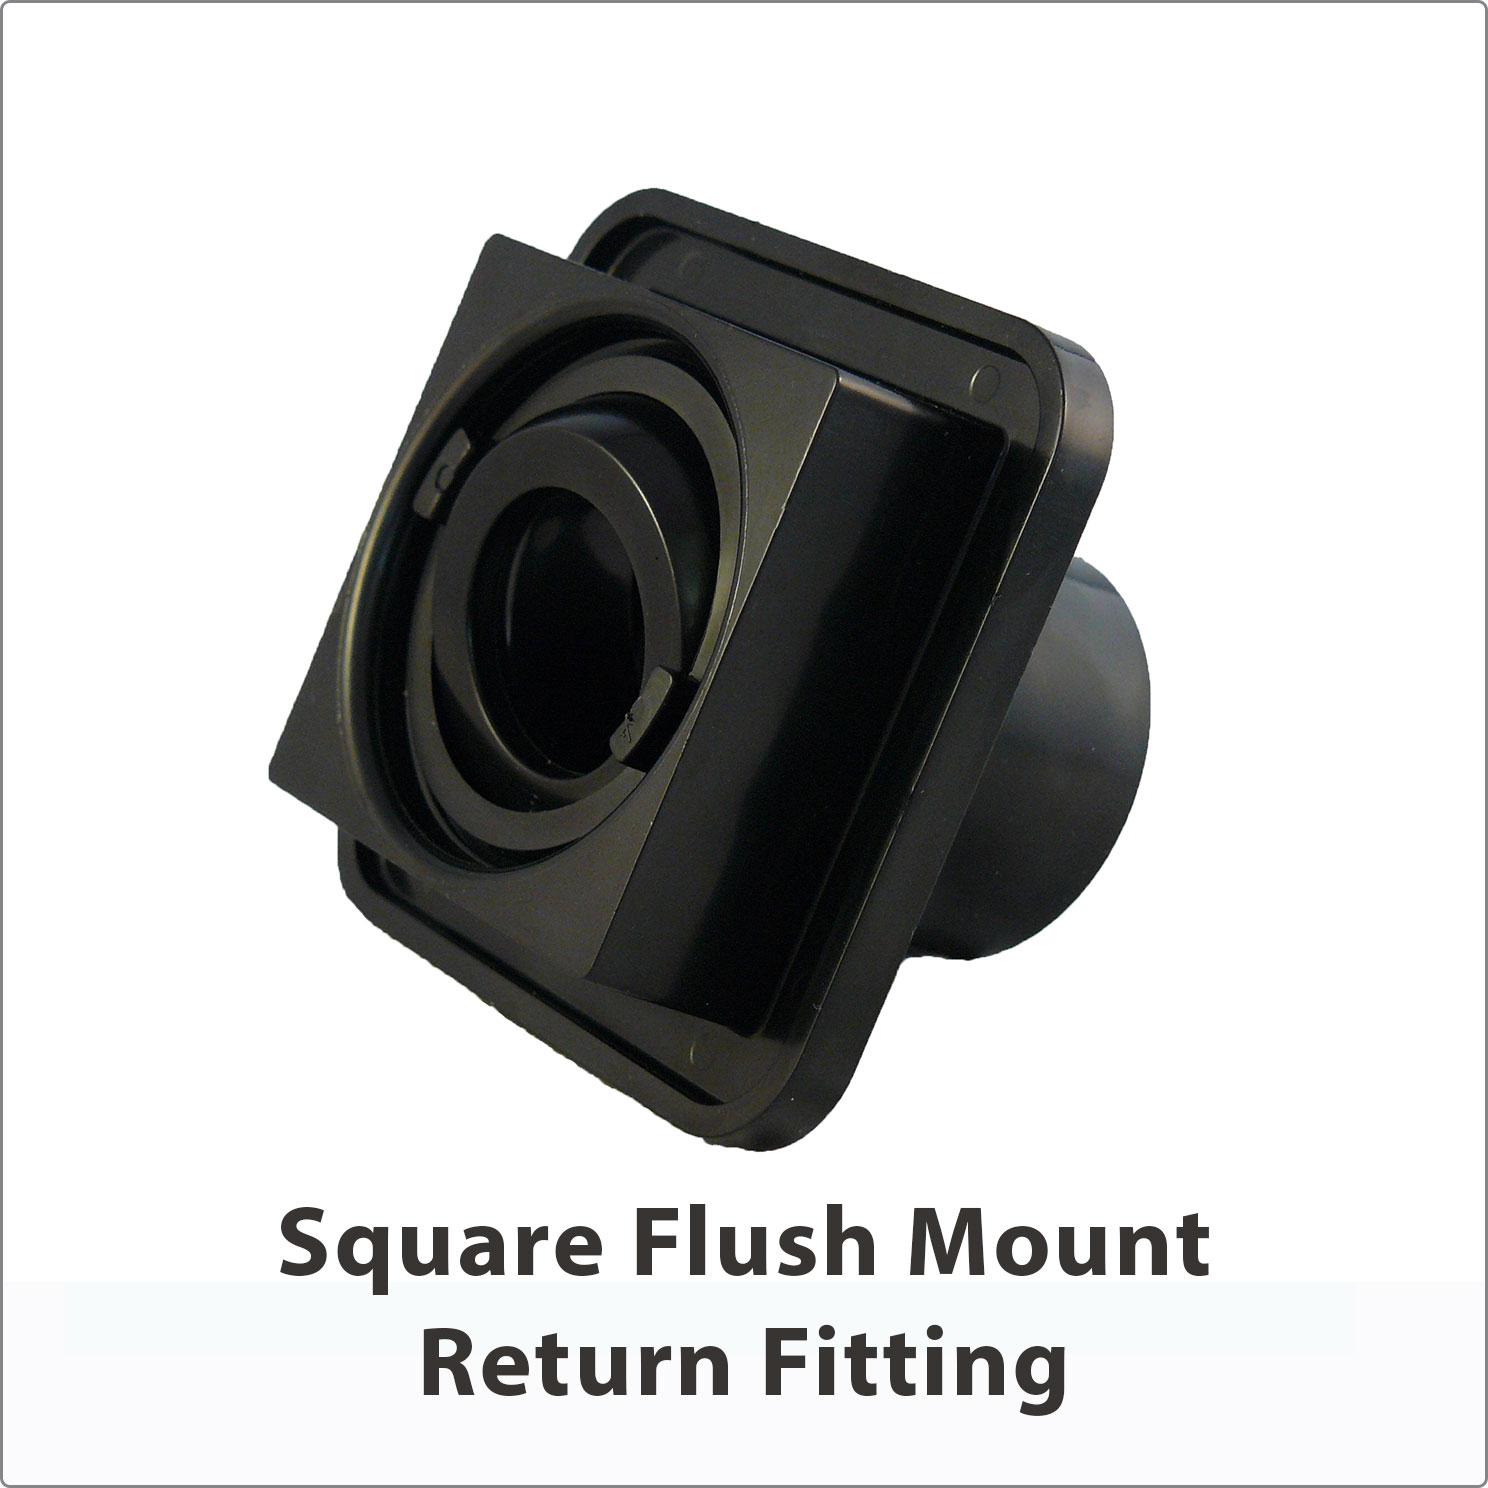 Square Flush Mount Return Fitting